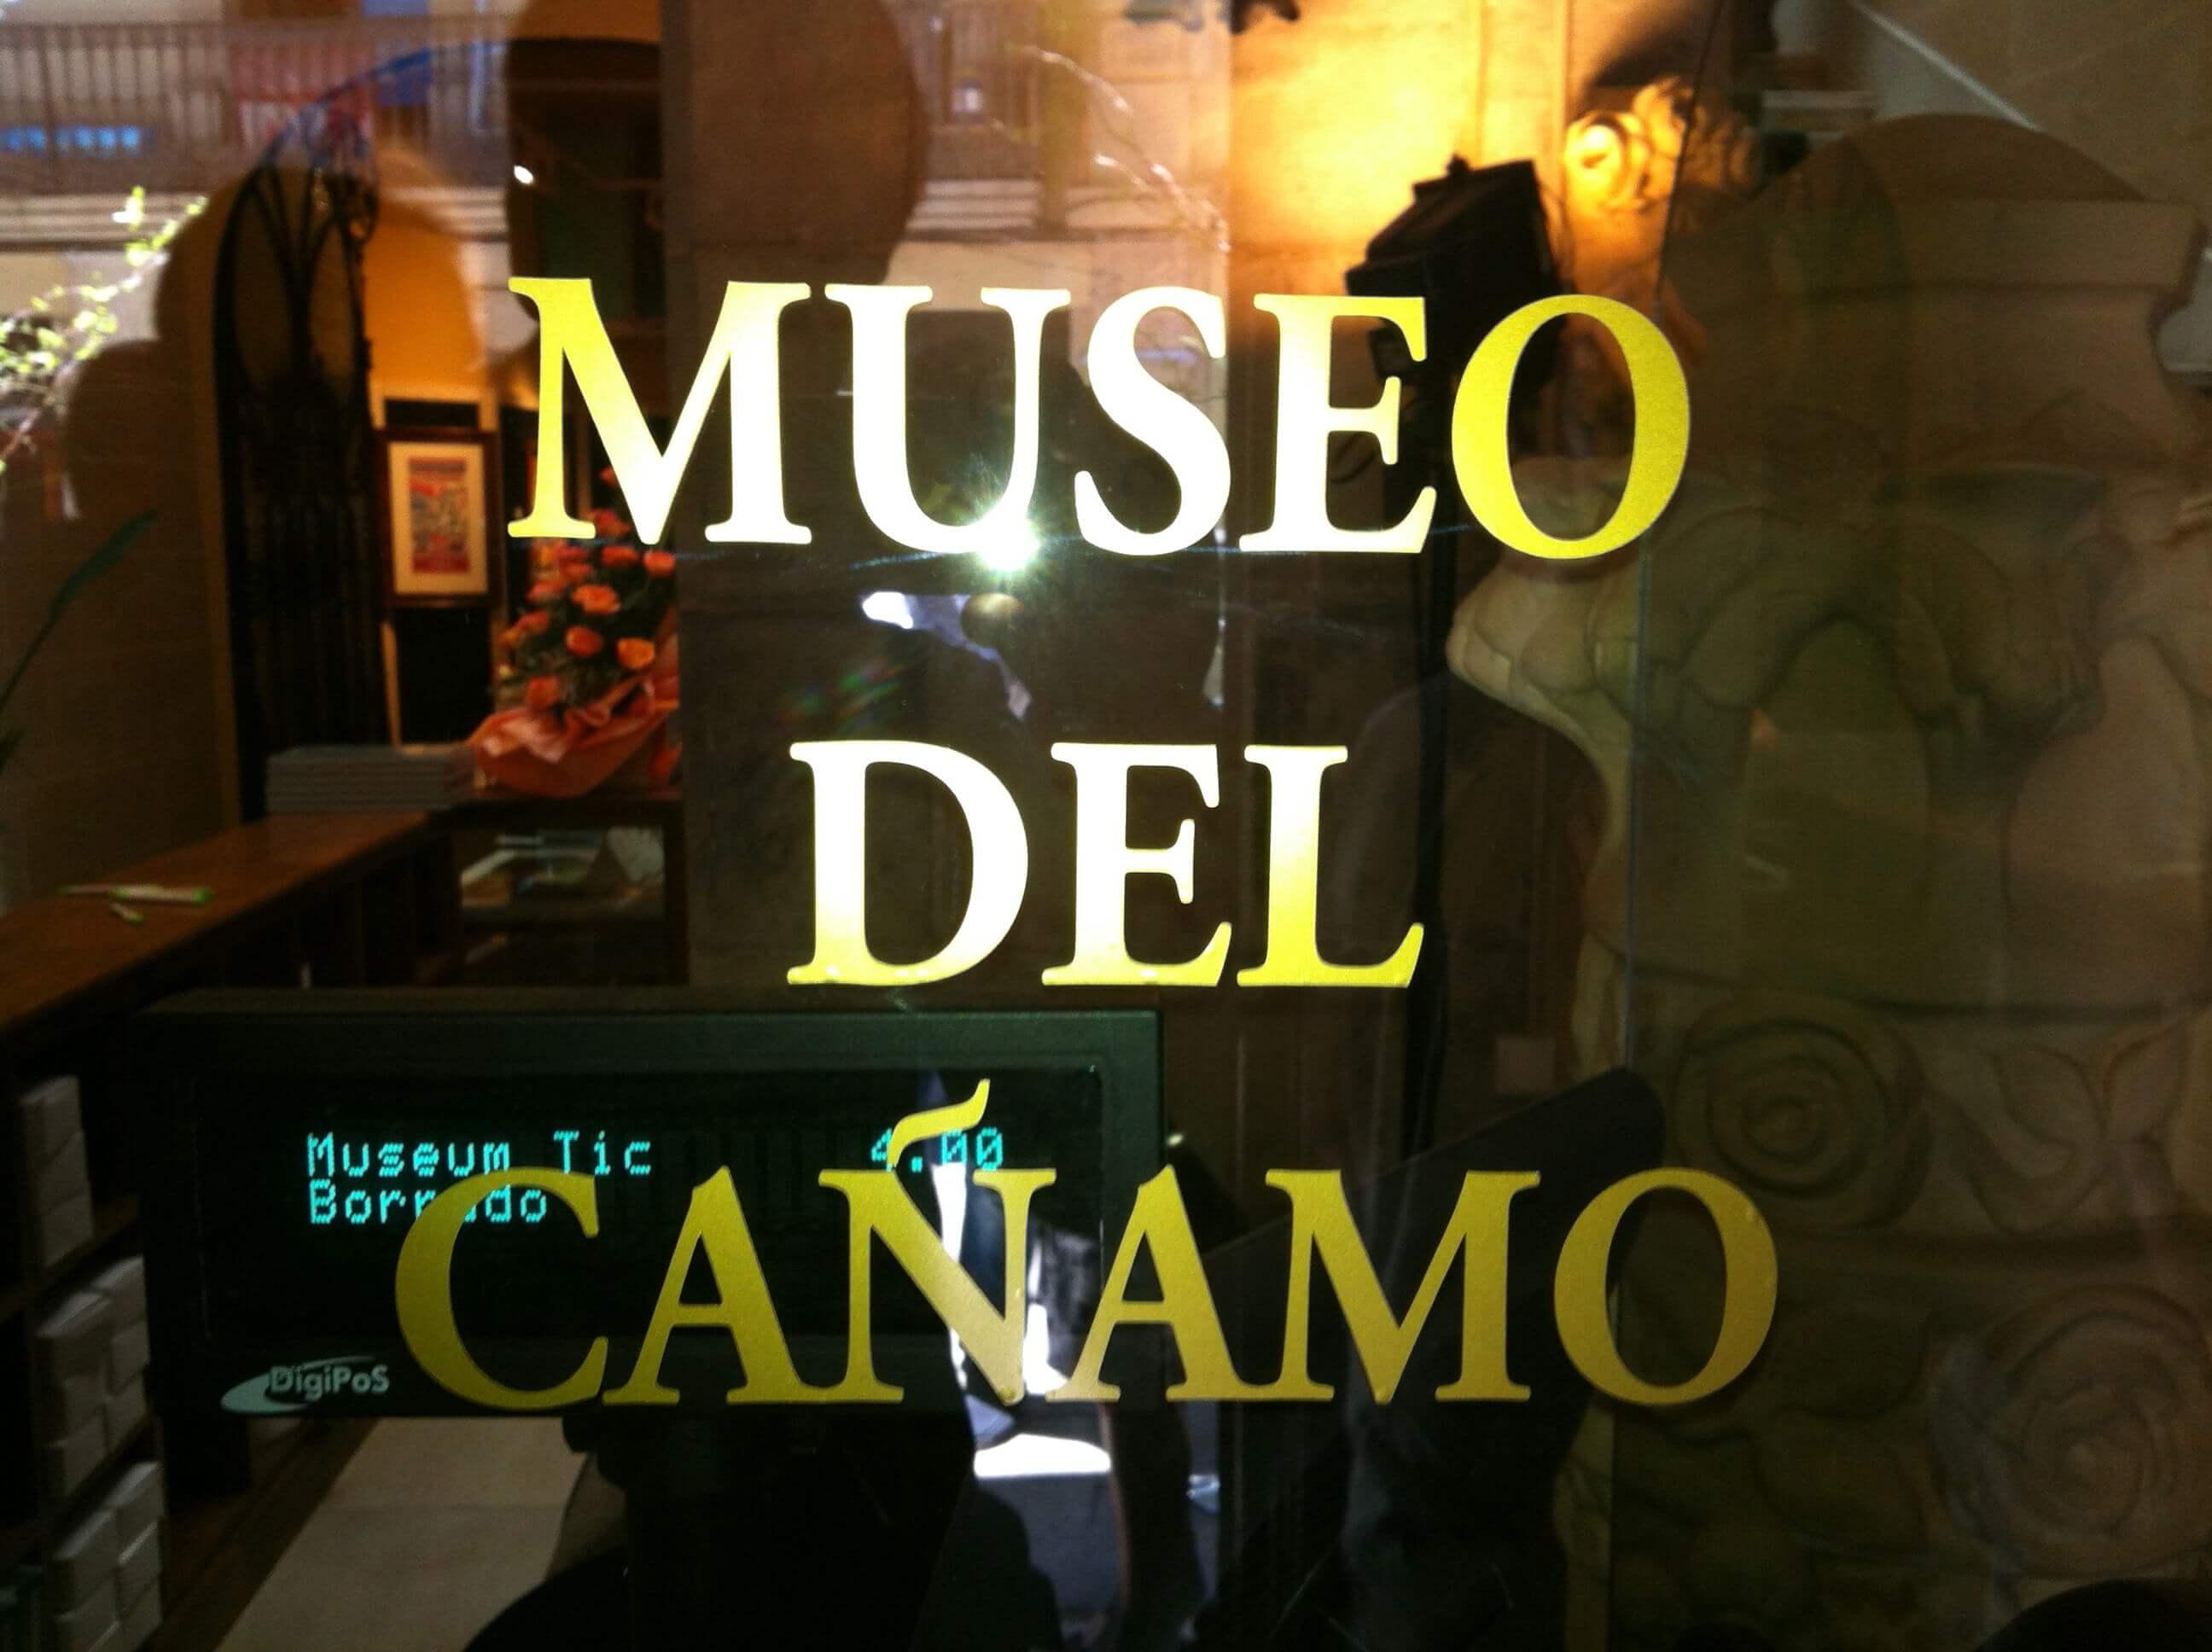 Hemp Museum Gallery, el museo cannábico más grande de Europa